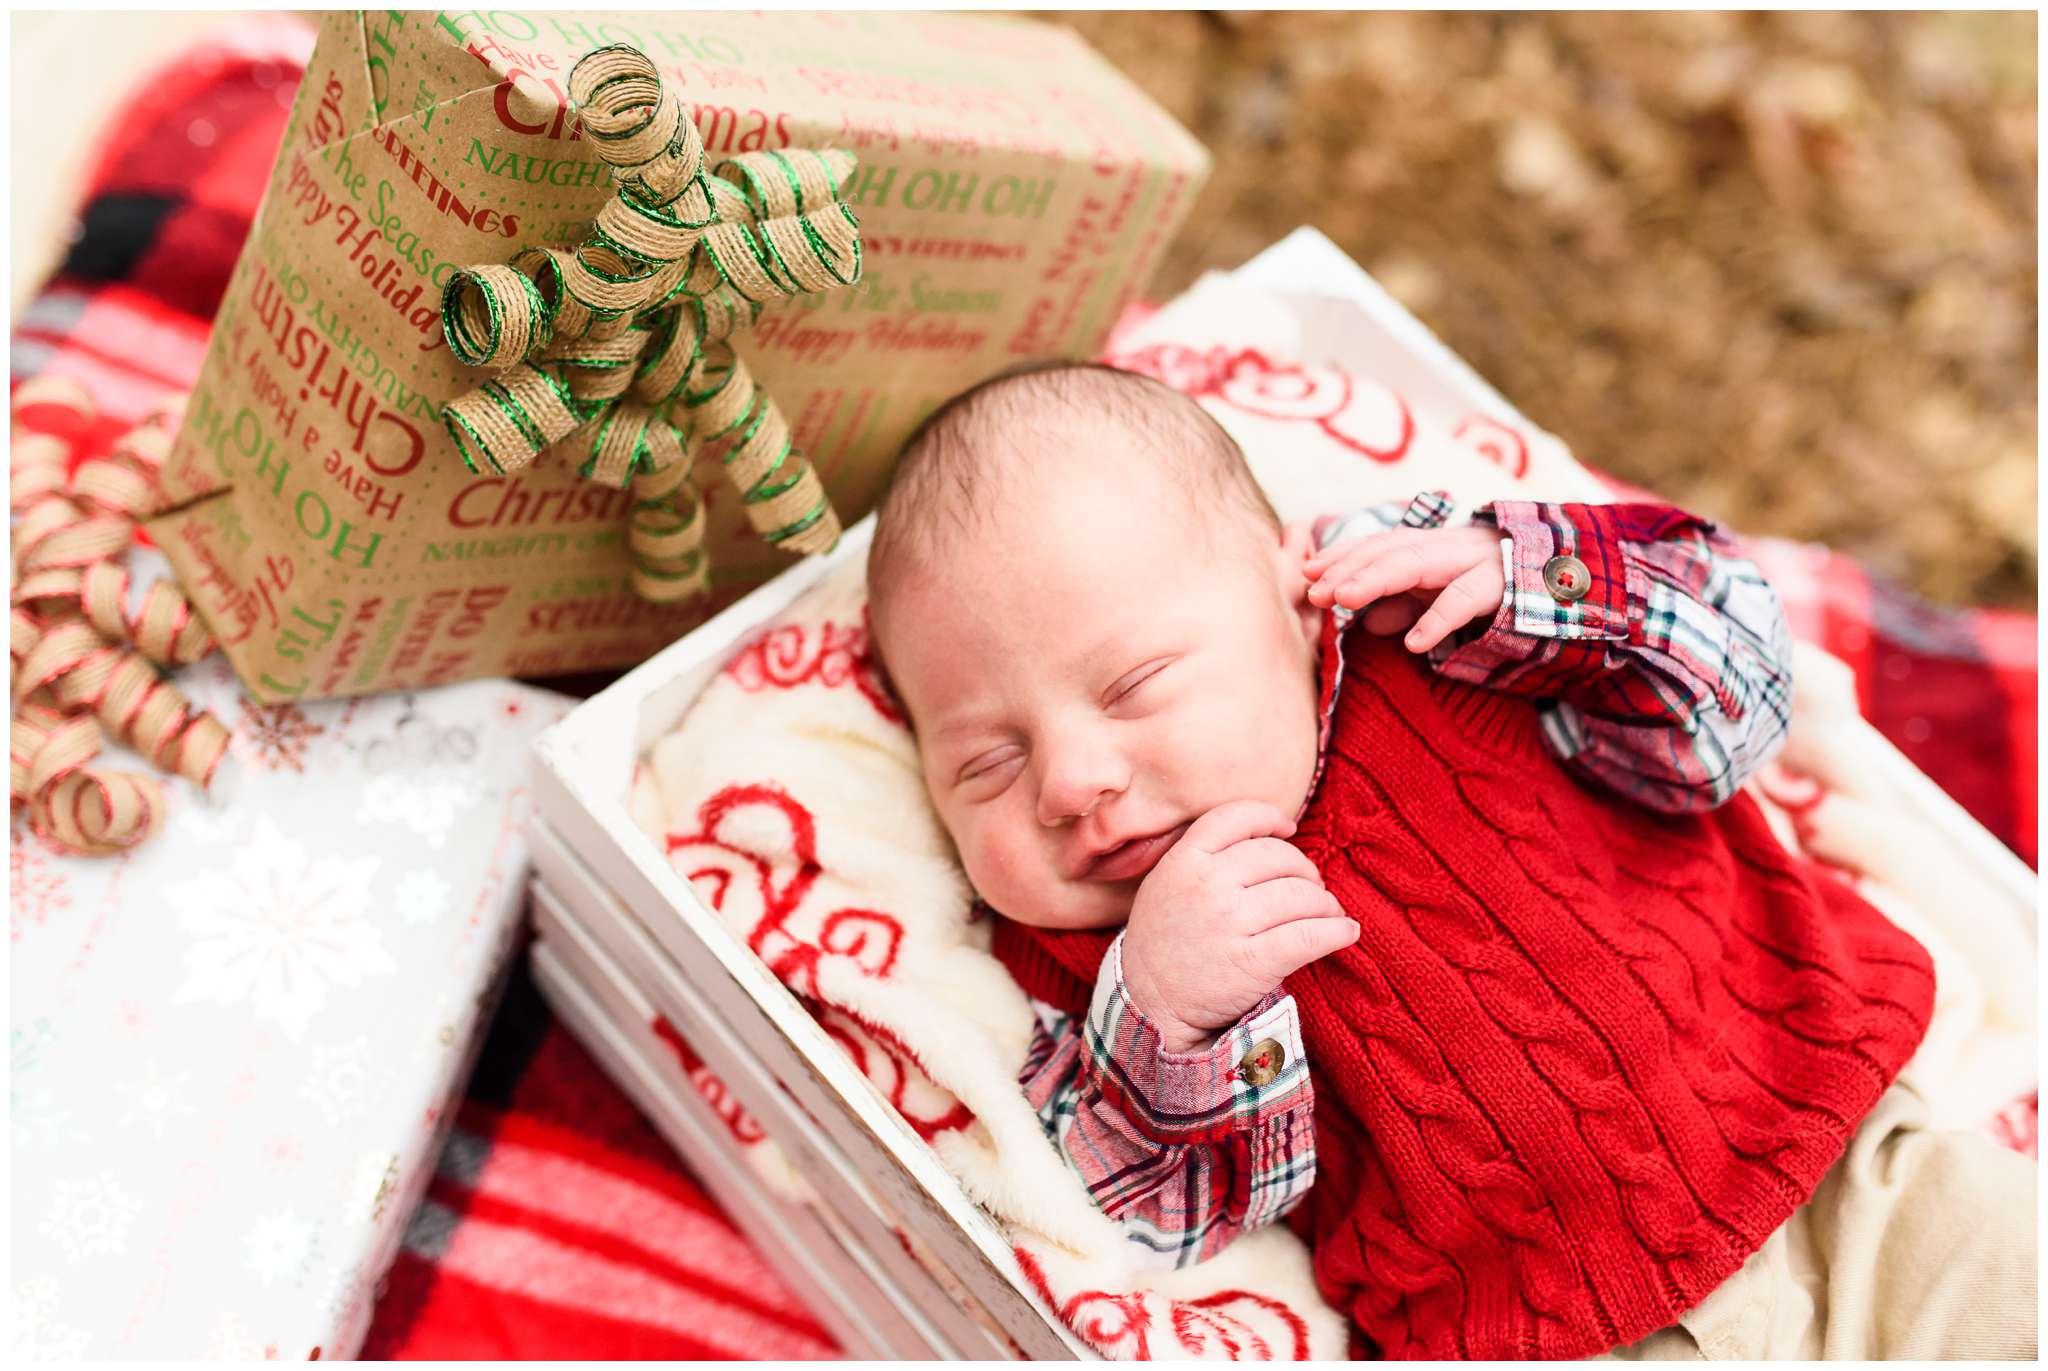 Isn't he adorable???